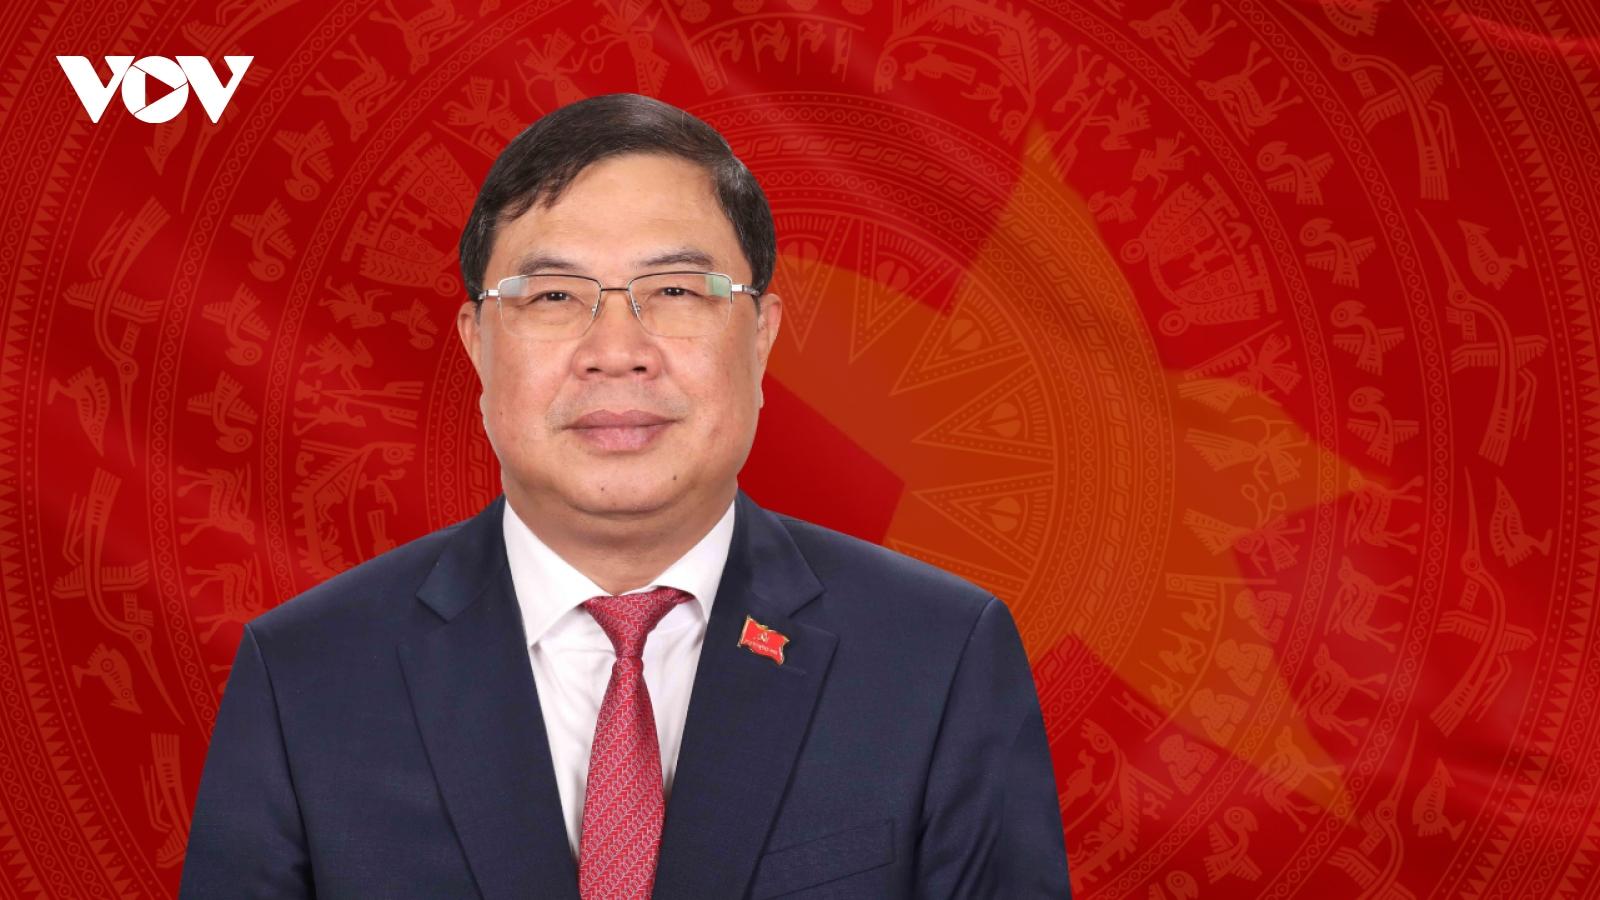 Quá trình công tác của Bí thư Tỉnh ủy Nam Định Phạm Gia Túc